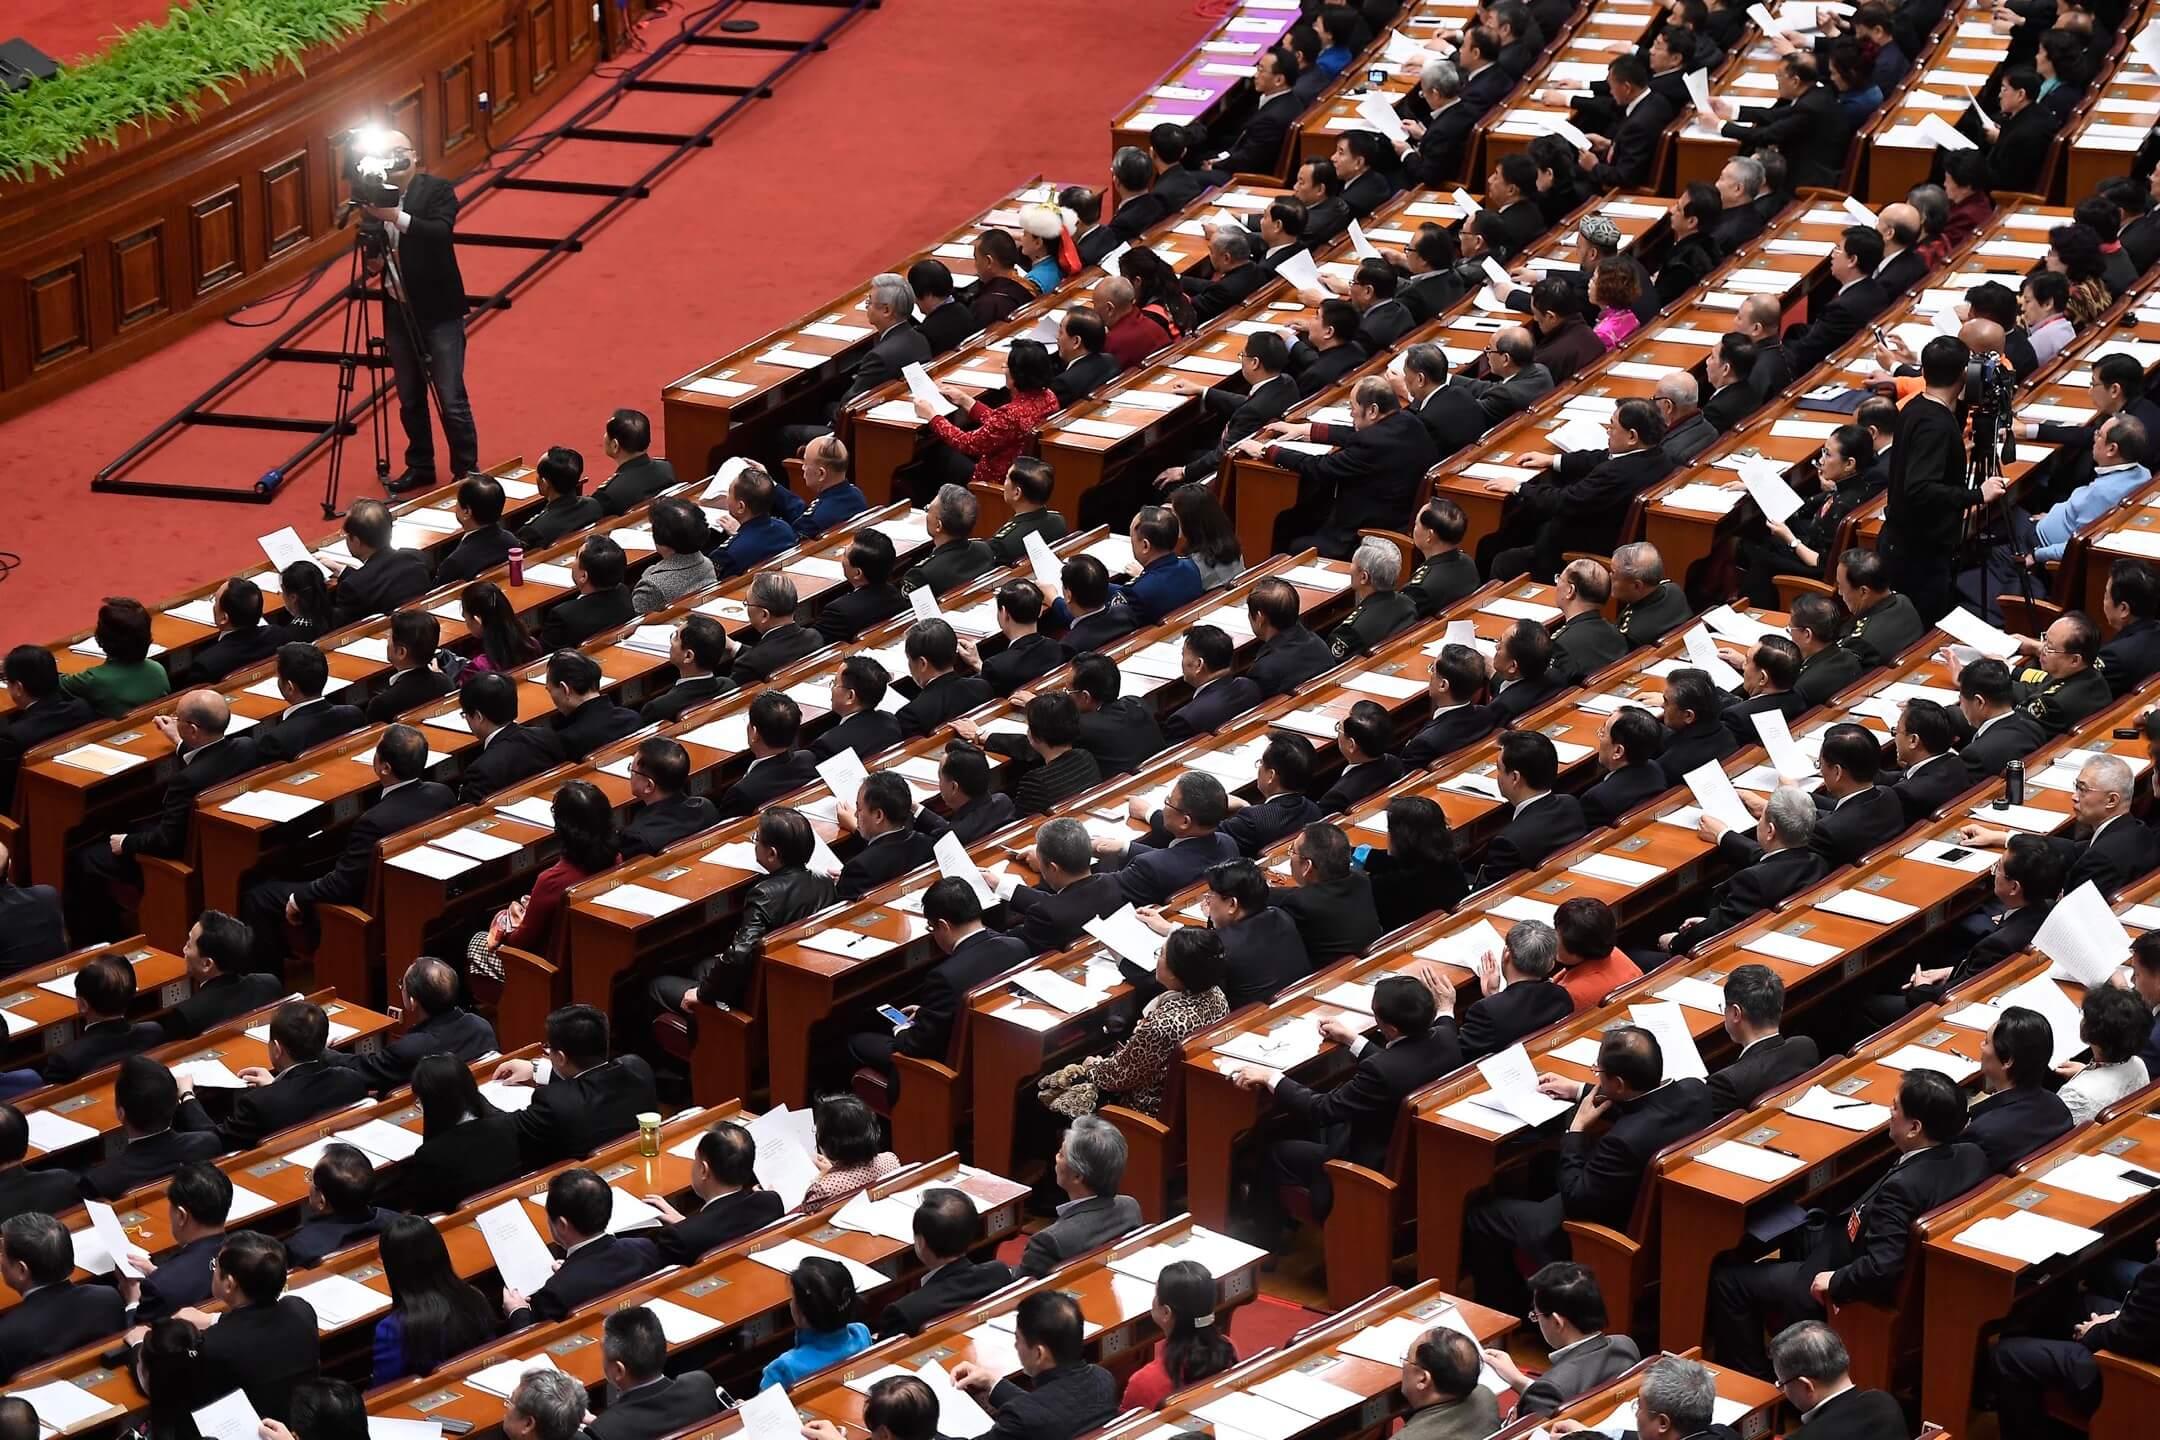 近幾年,傳統媒體在互聯網和政府審查的雙重擠壓下日趨衰落,為了「求生」,它們轉而承包了政府的政務宣傳需求。 攝:Wei Liang/CNS Photo/VCG via Getty Images